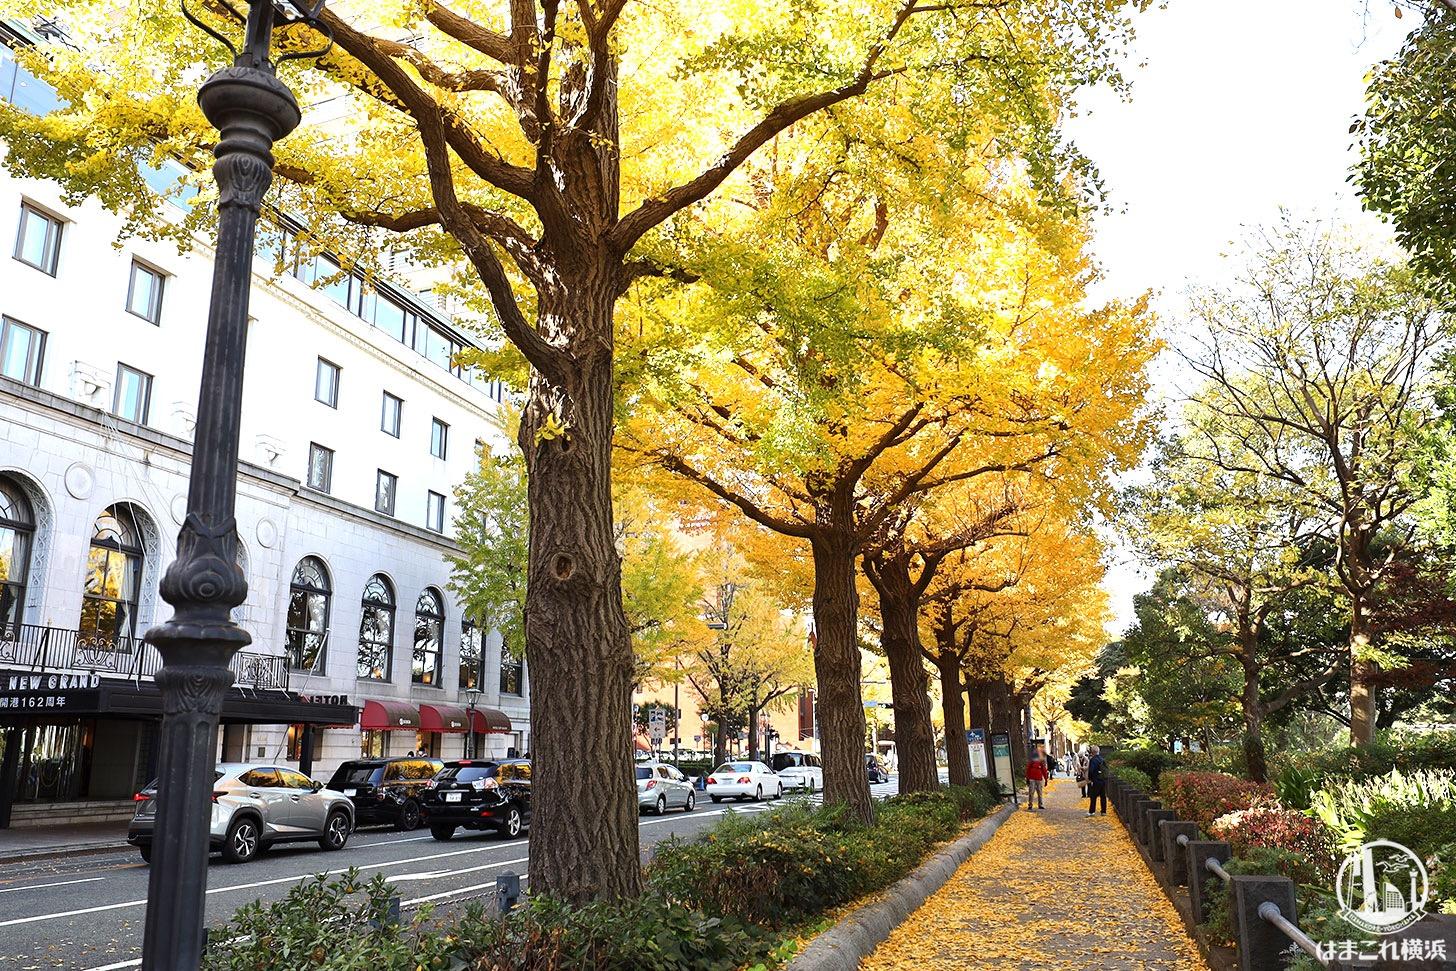 横浜・山下公園通りのイチョウが色濃く紅葉!日本大通りから紅葉散歩